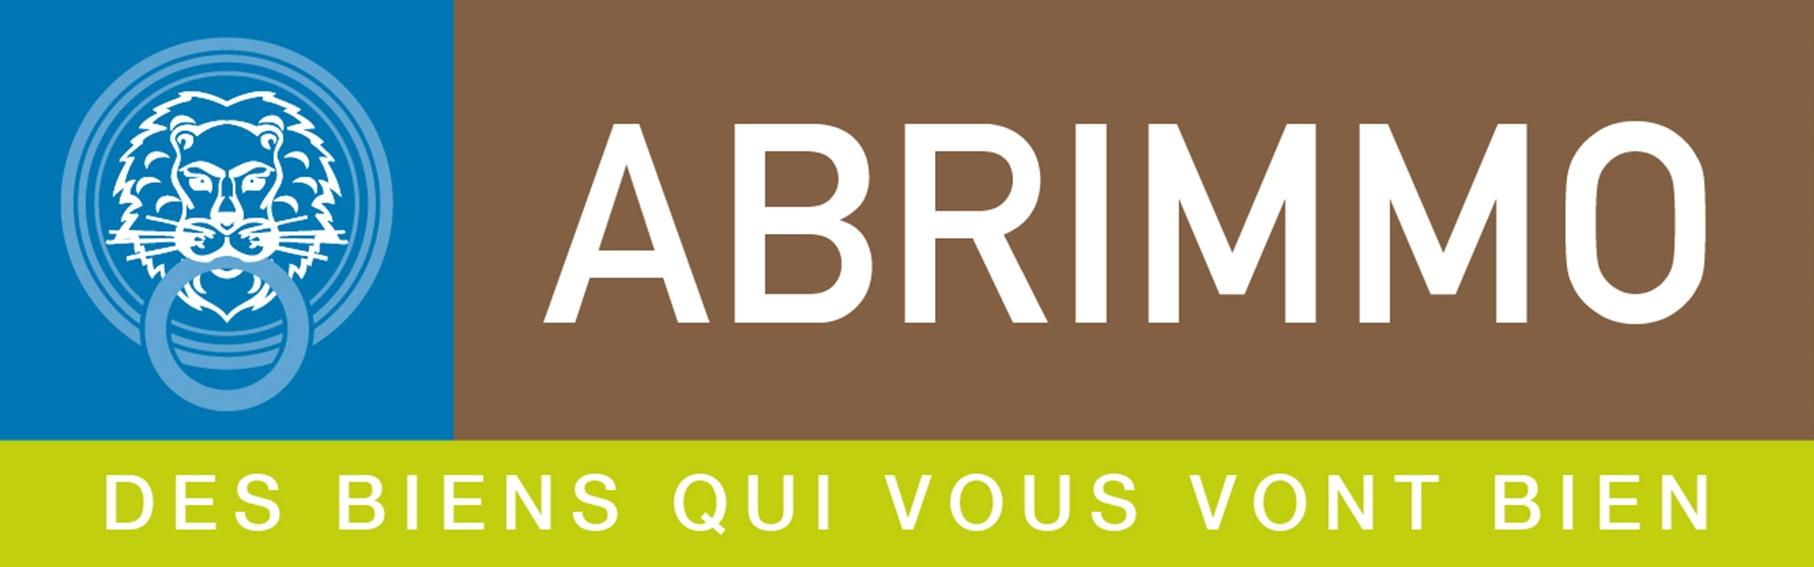 ABRIMMO LA BASSEE agence immobilière à LA BASSEE 59480